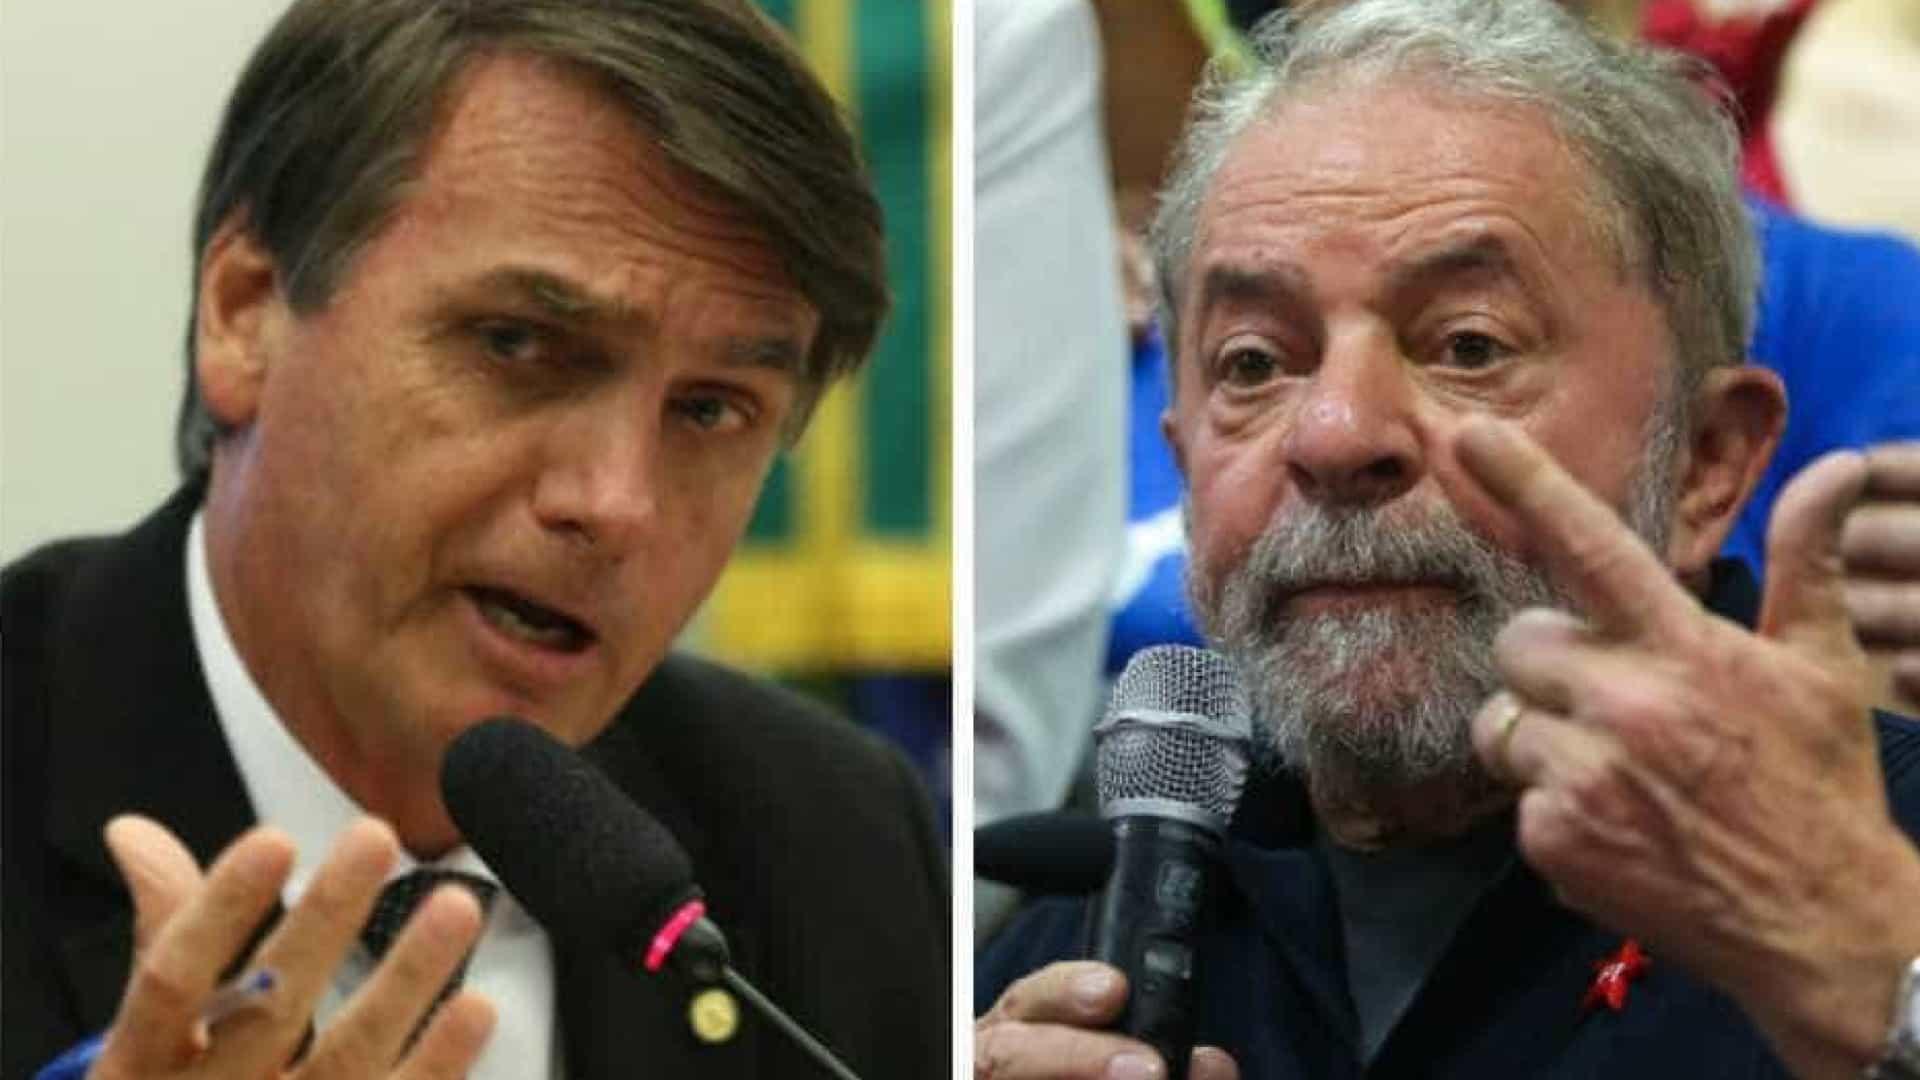 naom 58ccf2ef940de - Bolsonaro e Lula se impulsionam na briga por atenção nas redes